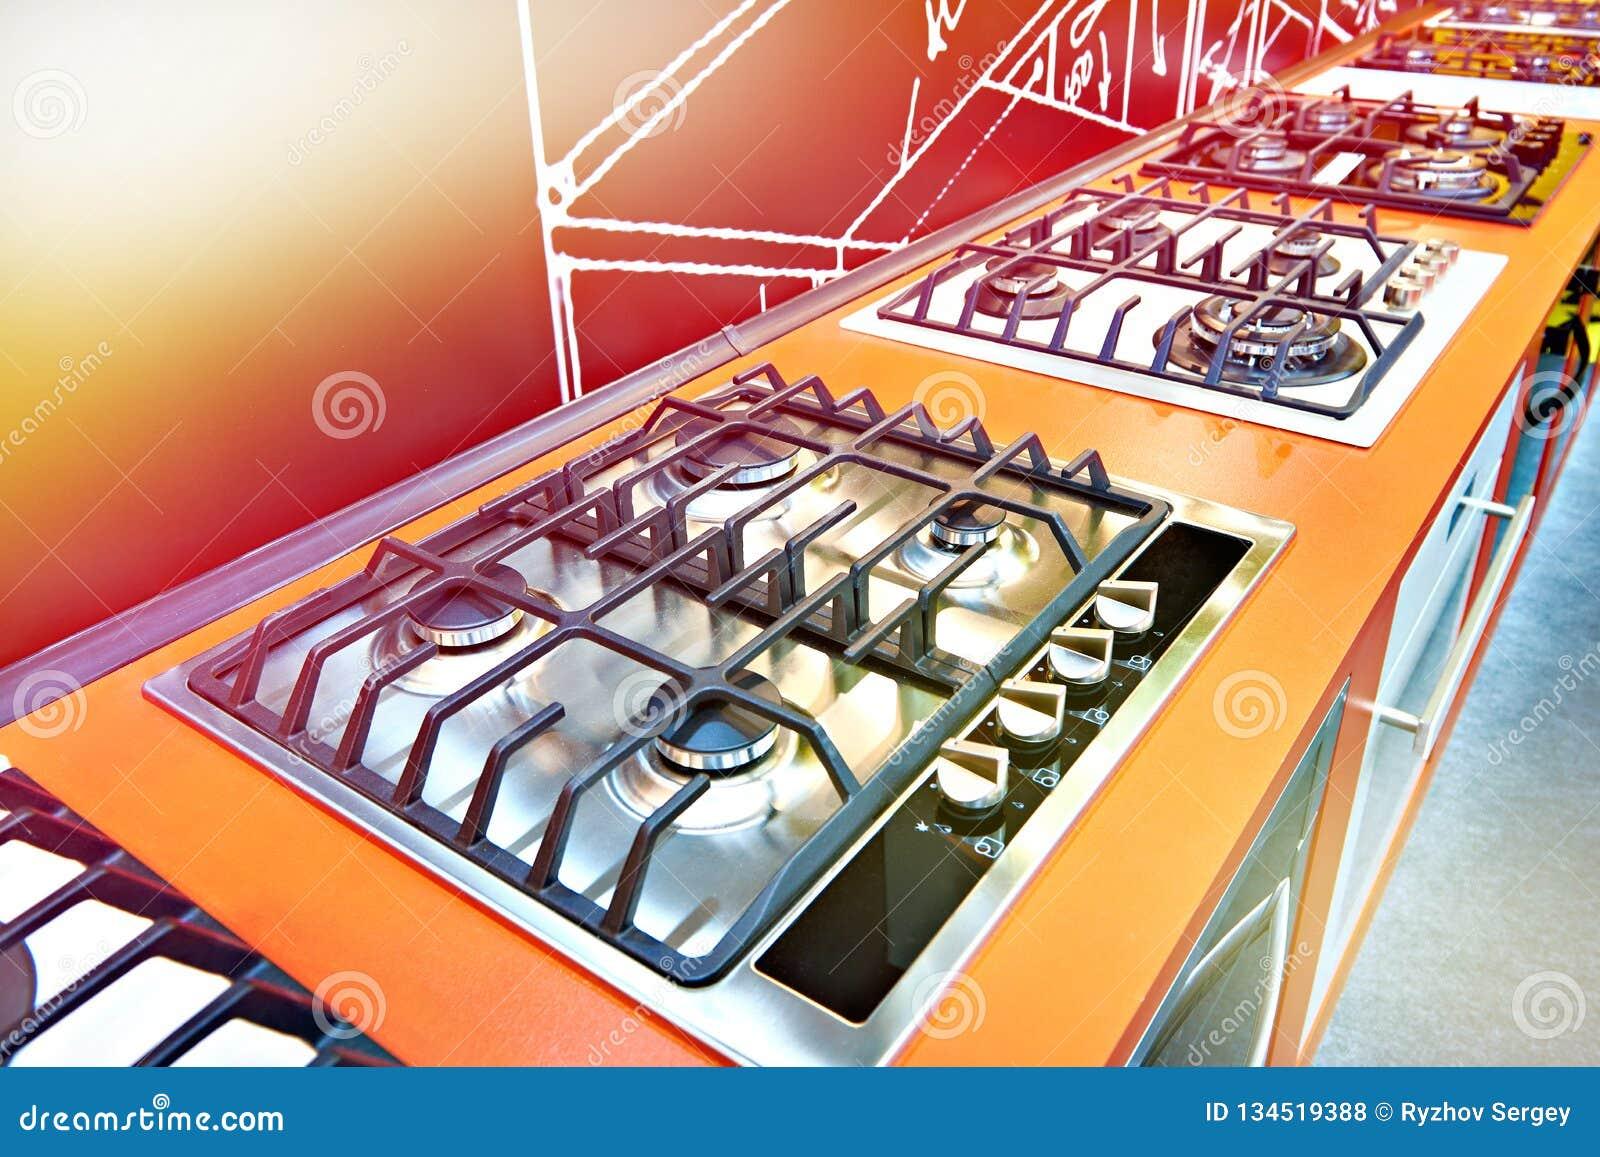 Nowożytne benzynowe kuchenki w sklepie